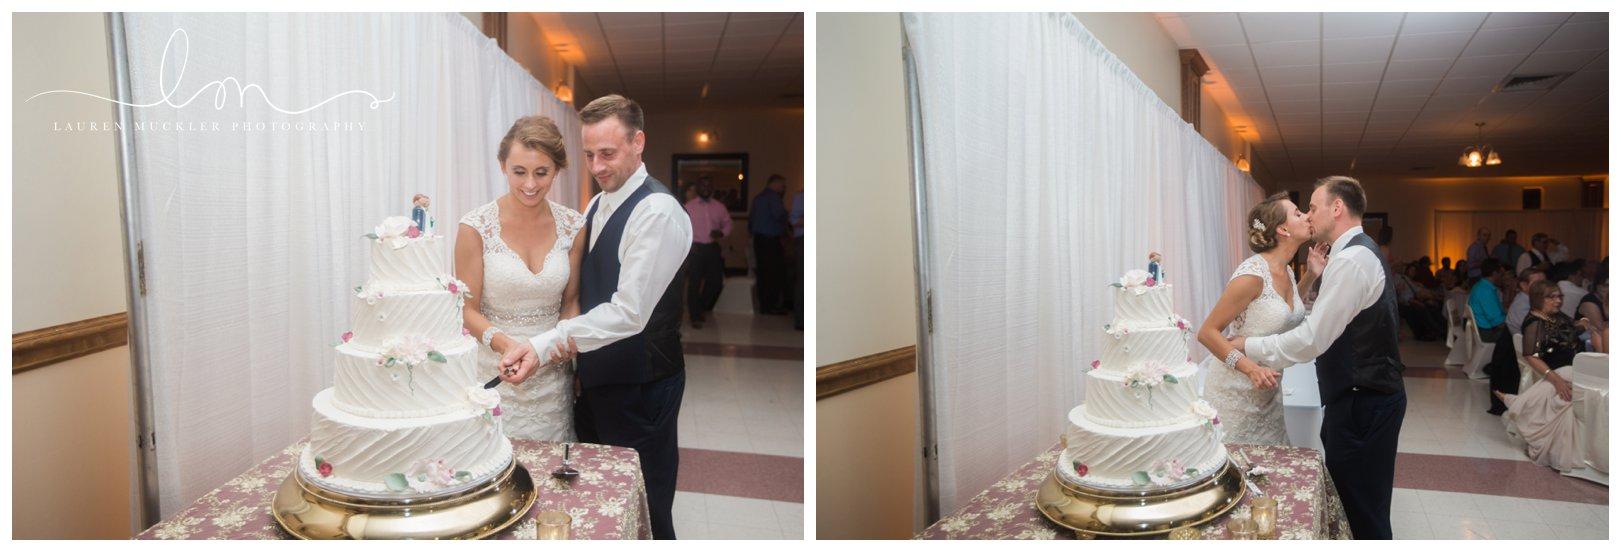 lauren muckler photography_fine art film wedding photography_st louis_photography_0502.jpg